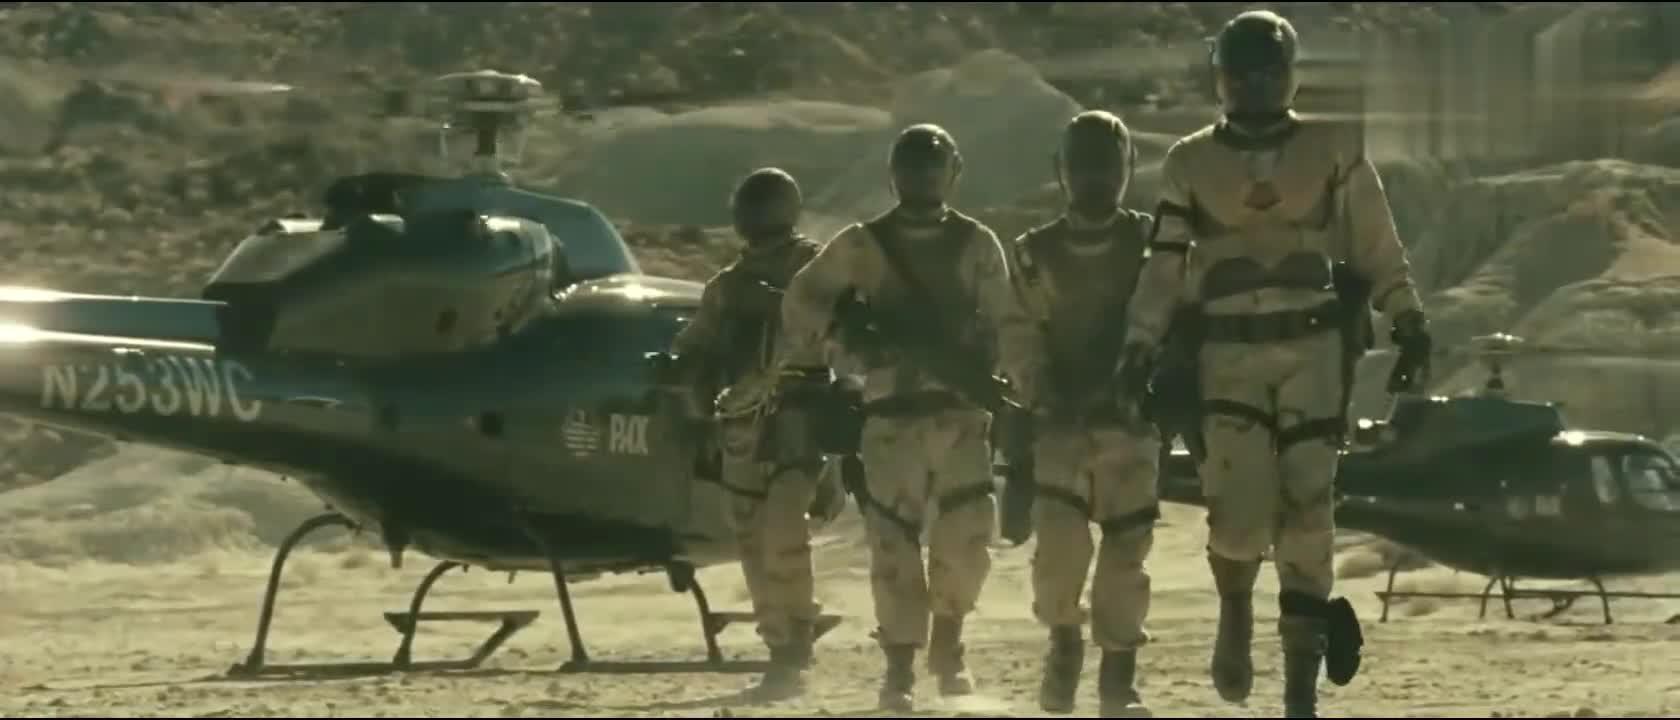 #经典看电影#战士在沙漠里探险被不明生物袭击